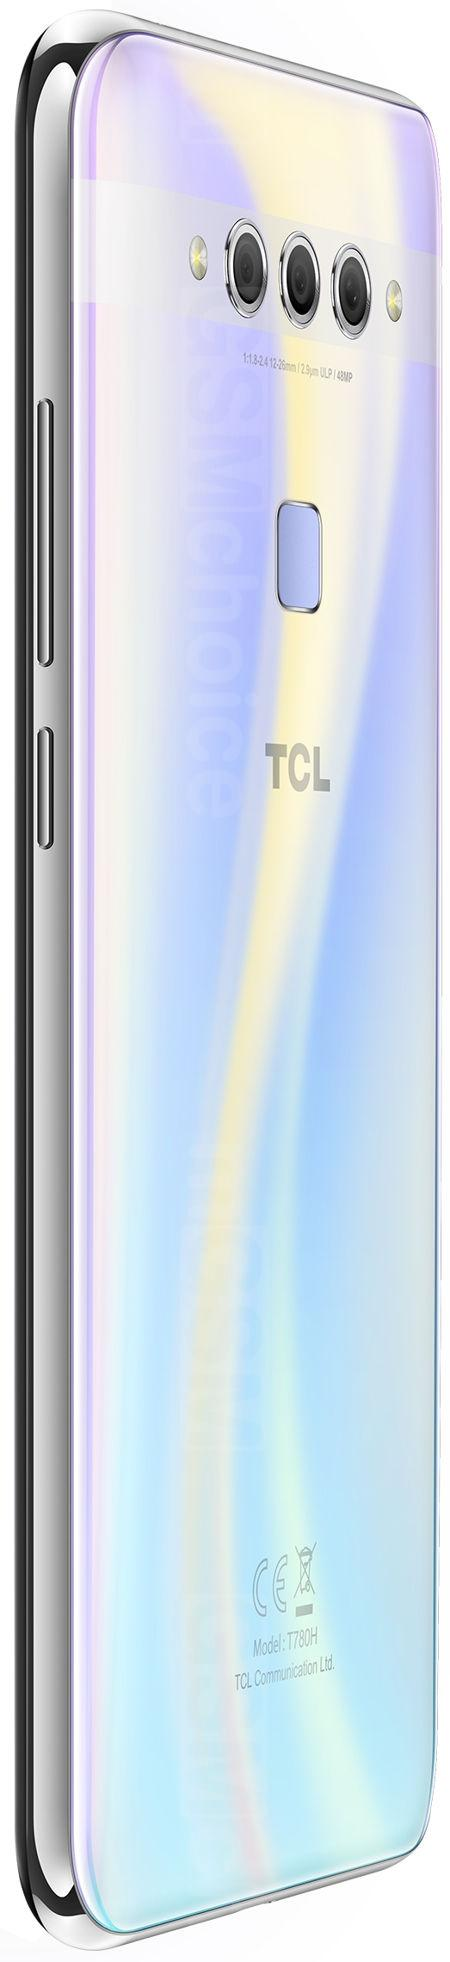 TCL Plex